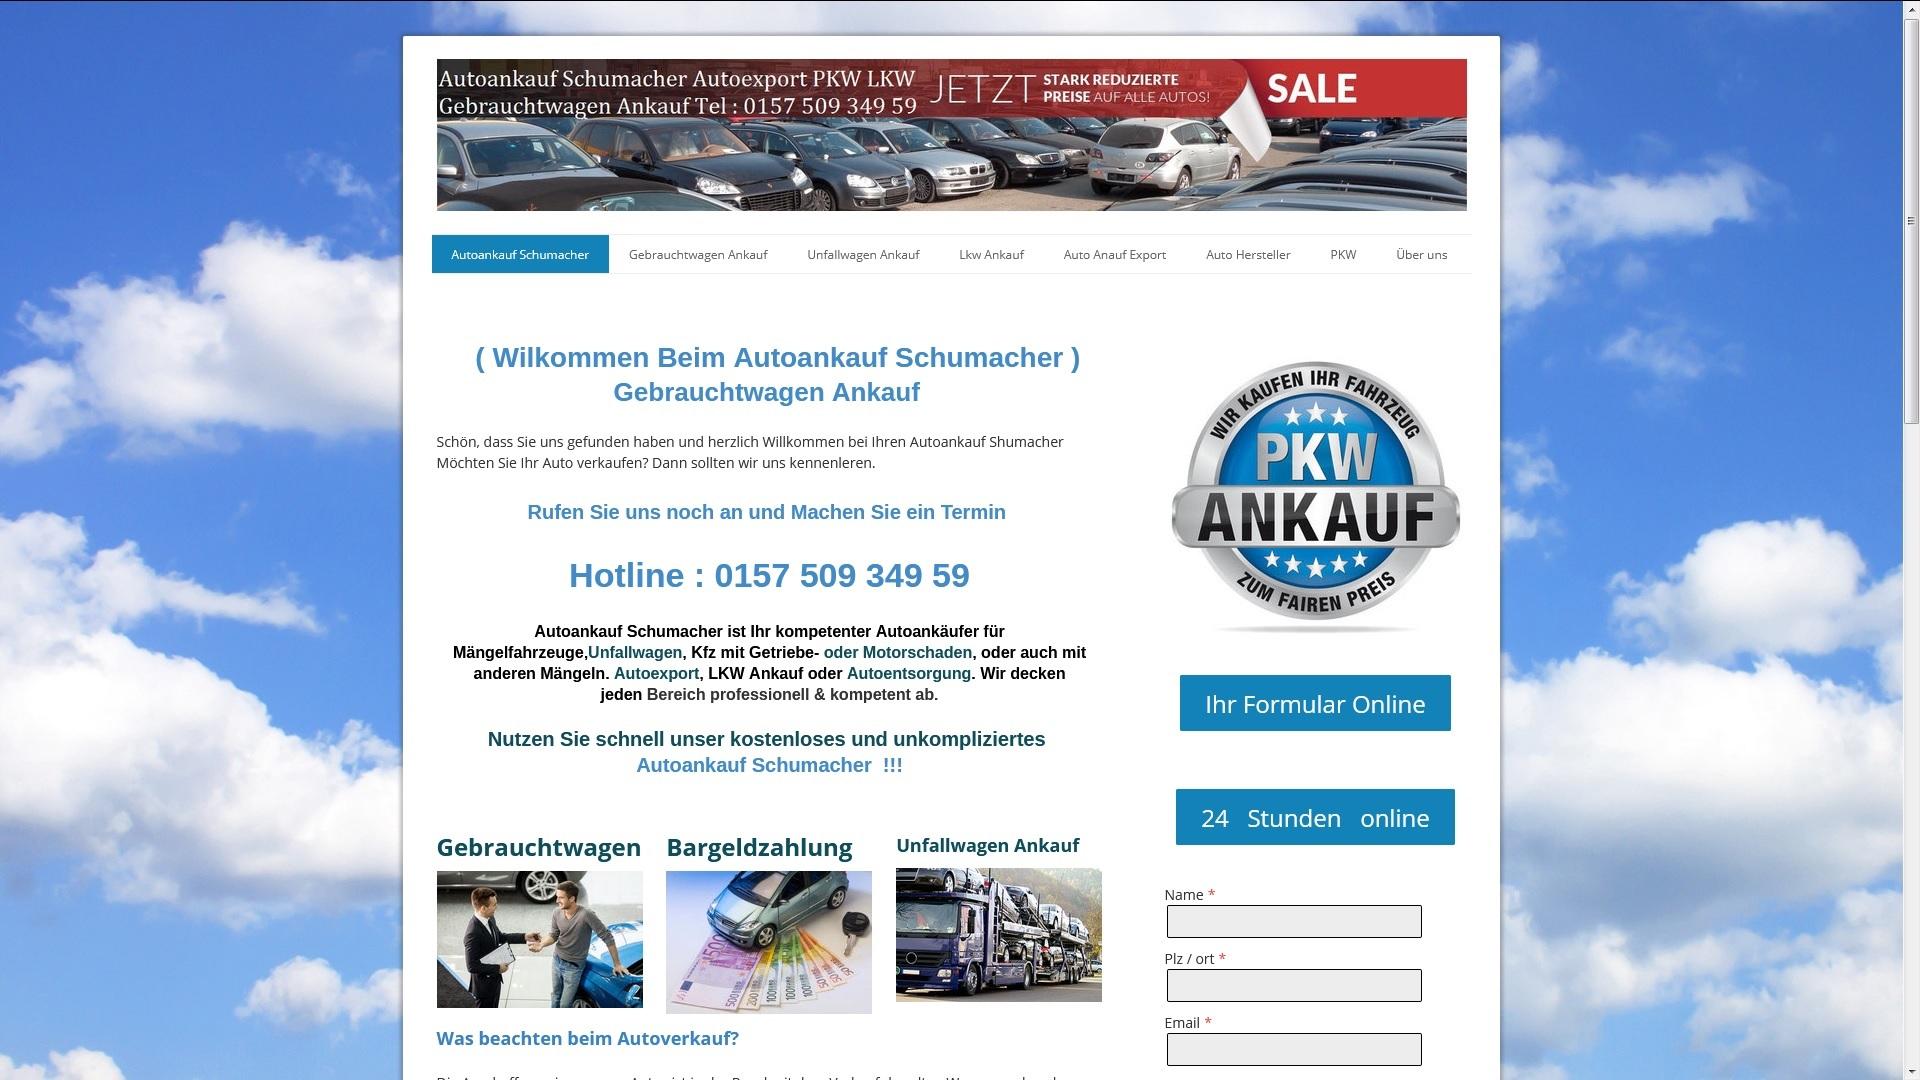 autoankauf unna bietet hervorragenden service fuer seine kunden und zahlt hoechstpreise fuer gebrauchte autos - Autoankauf Unna bietet hervorragenden Service für seine Kunden und zahlt Höchstpreise für gebrauchte Autos